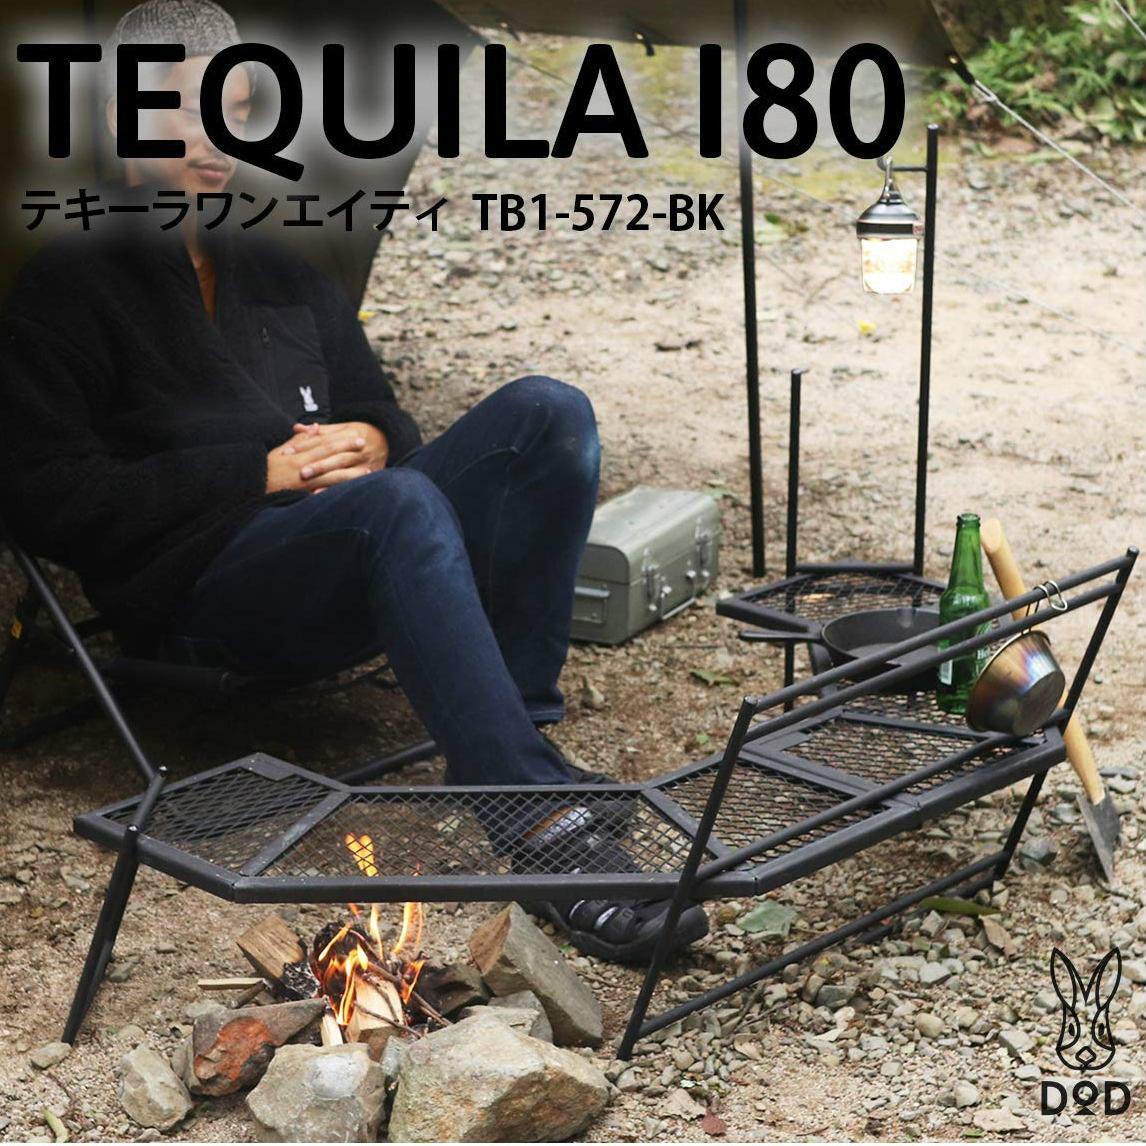 DOD テキーラワンエイティ TB1-572-BK | 180度コックピット型テーブル | 3mm厚の鉄を使用 | ドッペルギャンガー